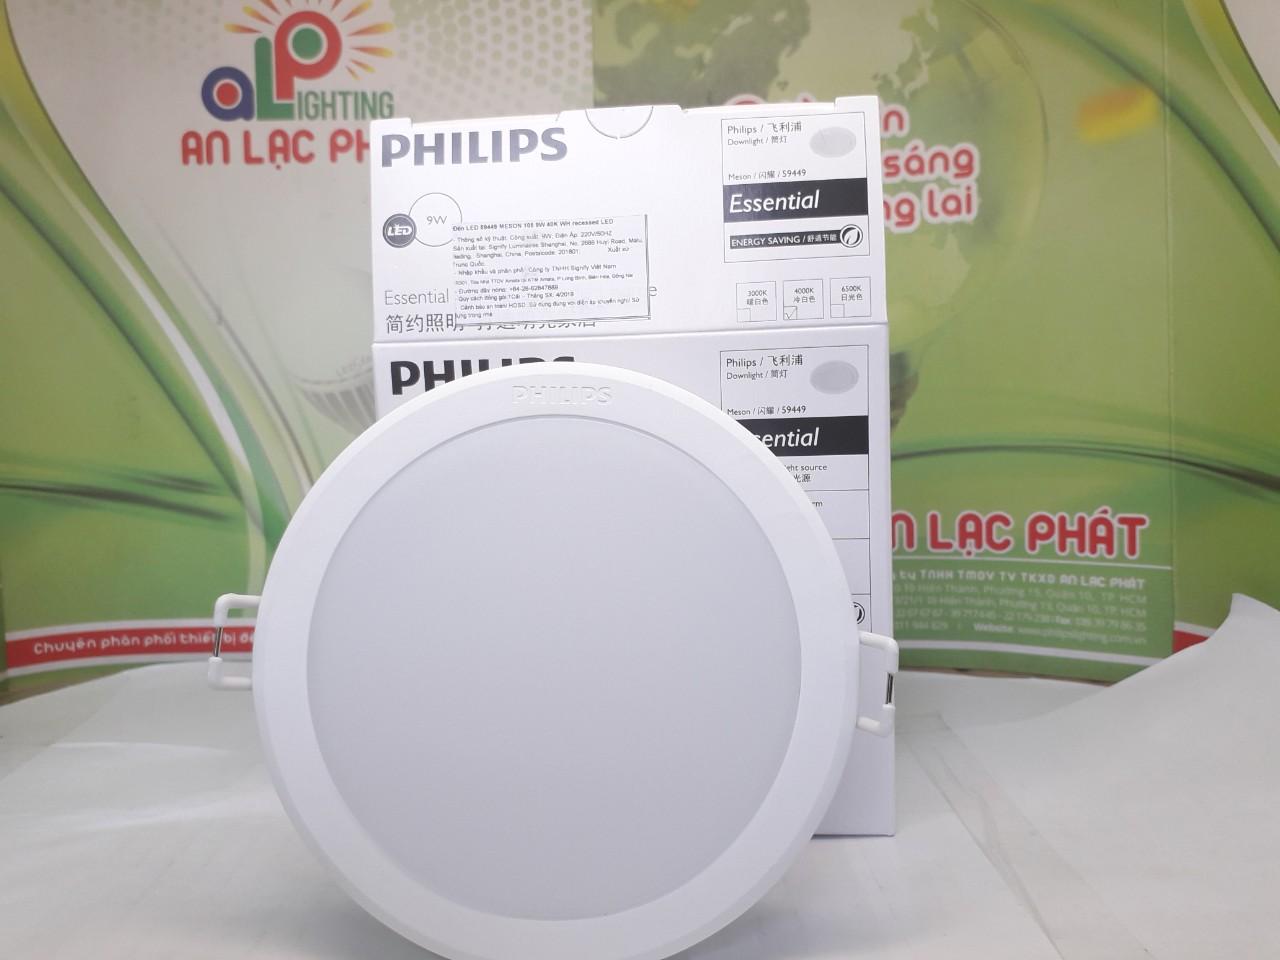 Mặt trước thực tế đèn Led Philips âm trần Menson 59449